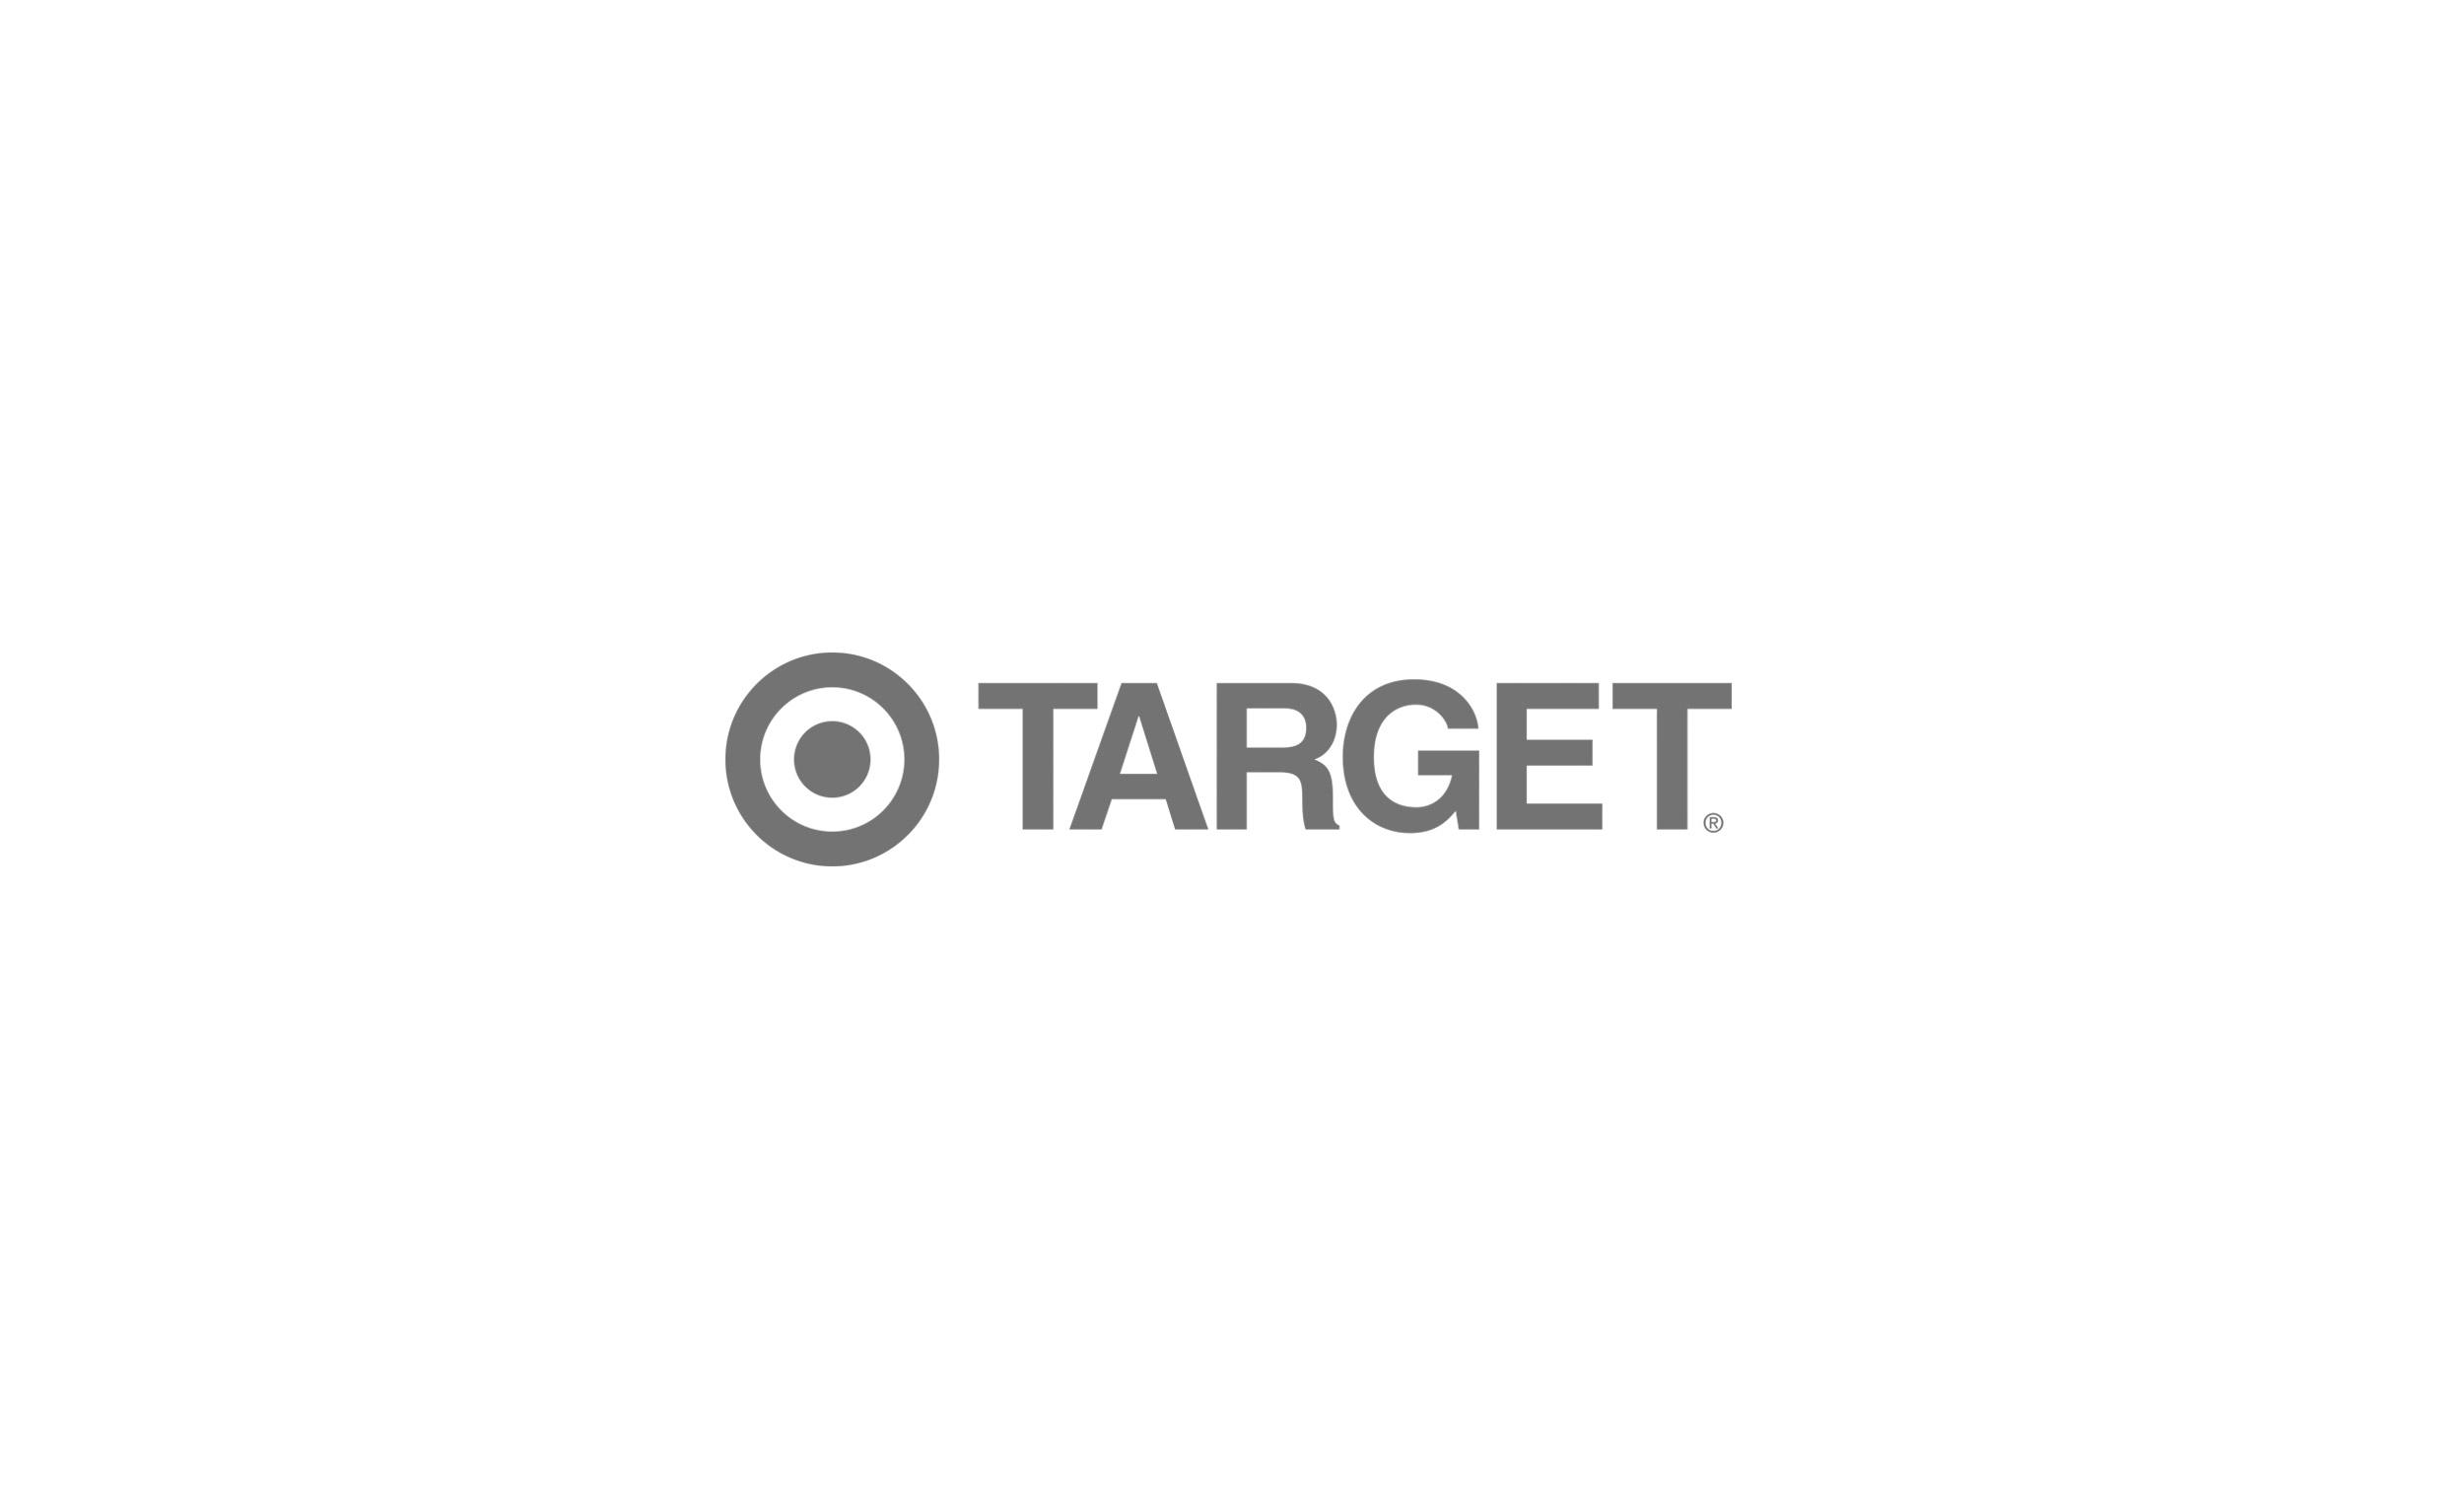 img_partner_logo_target.jpg